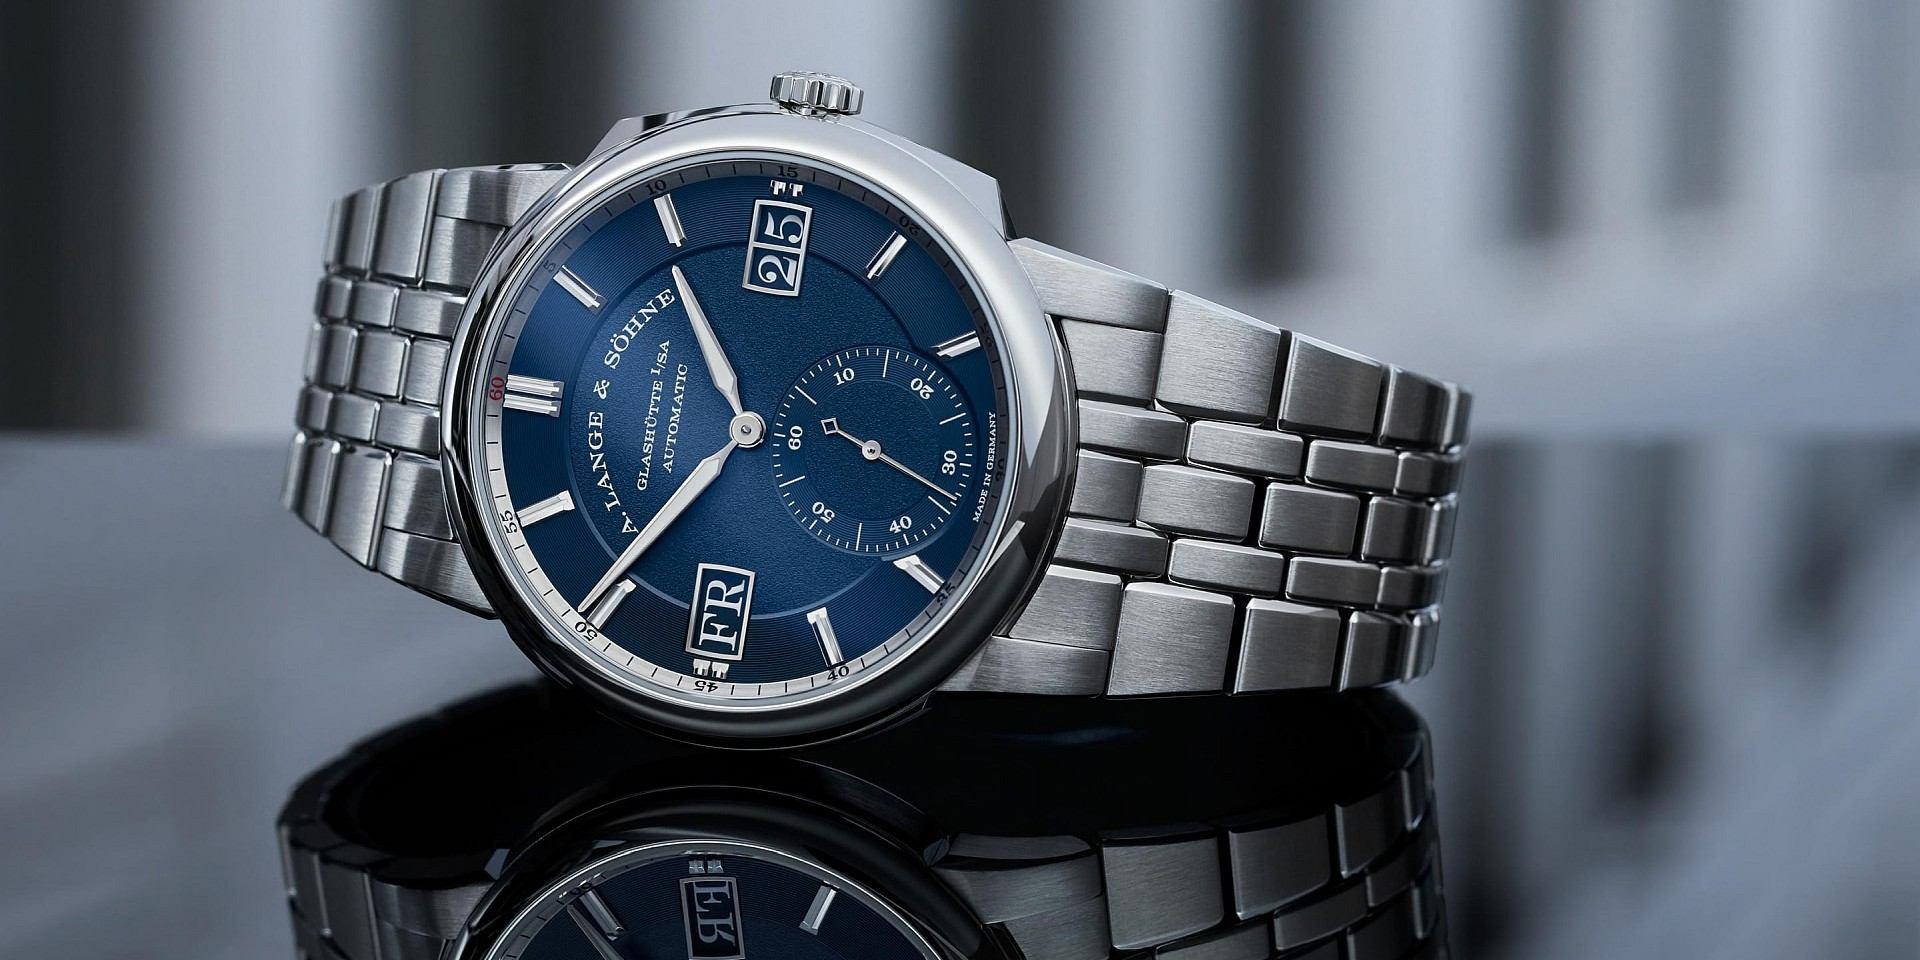 【破天荒大代誌】朗格發表第一款量產常規版不鏽鋼腕錶Odysseus